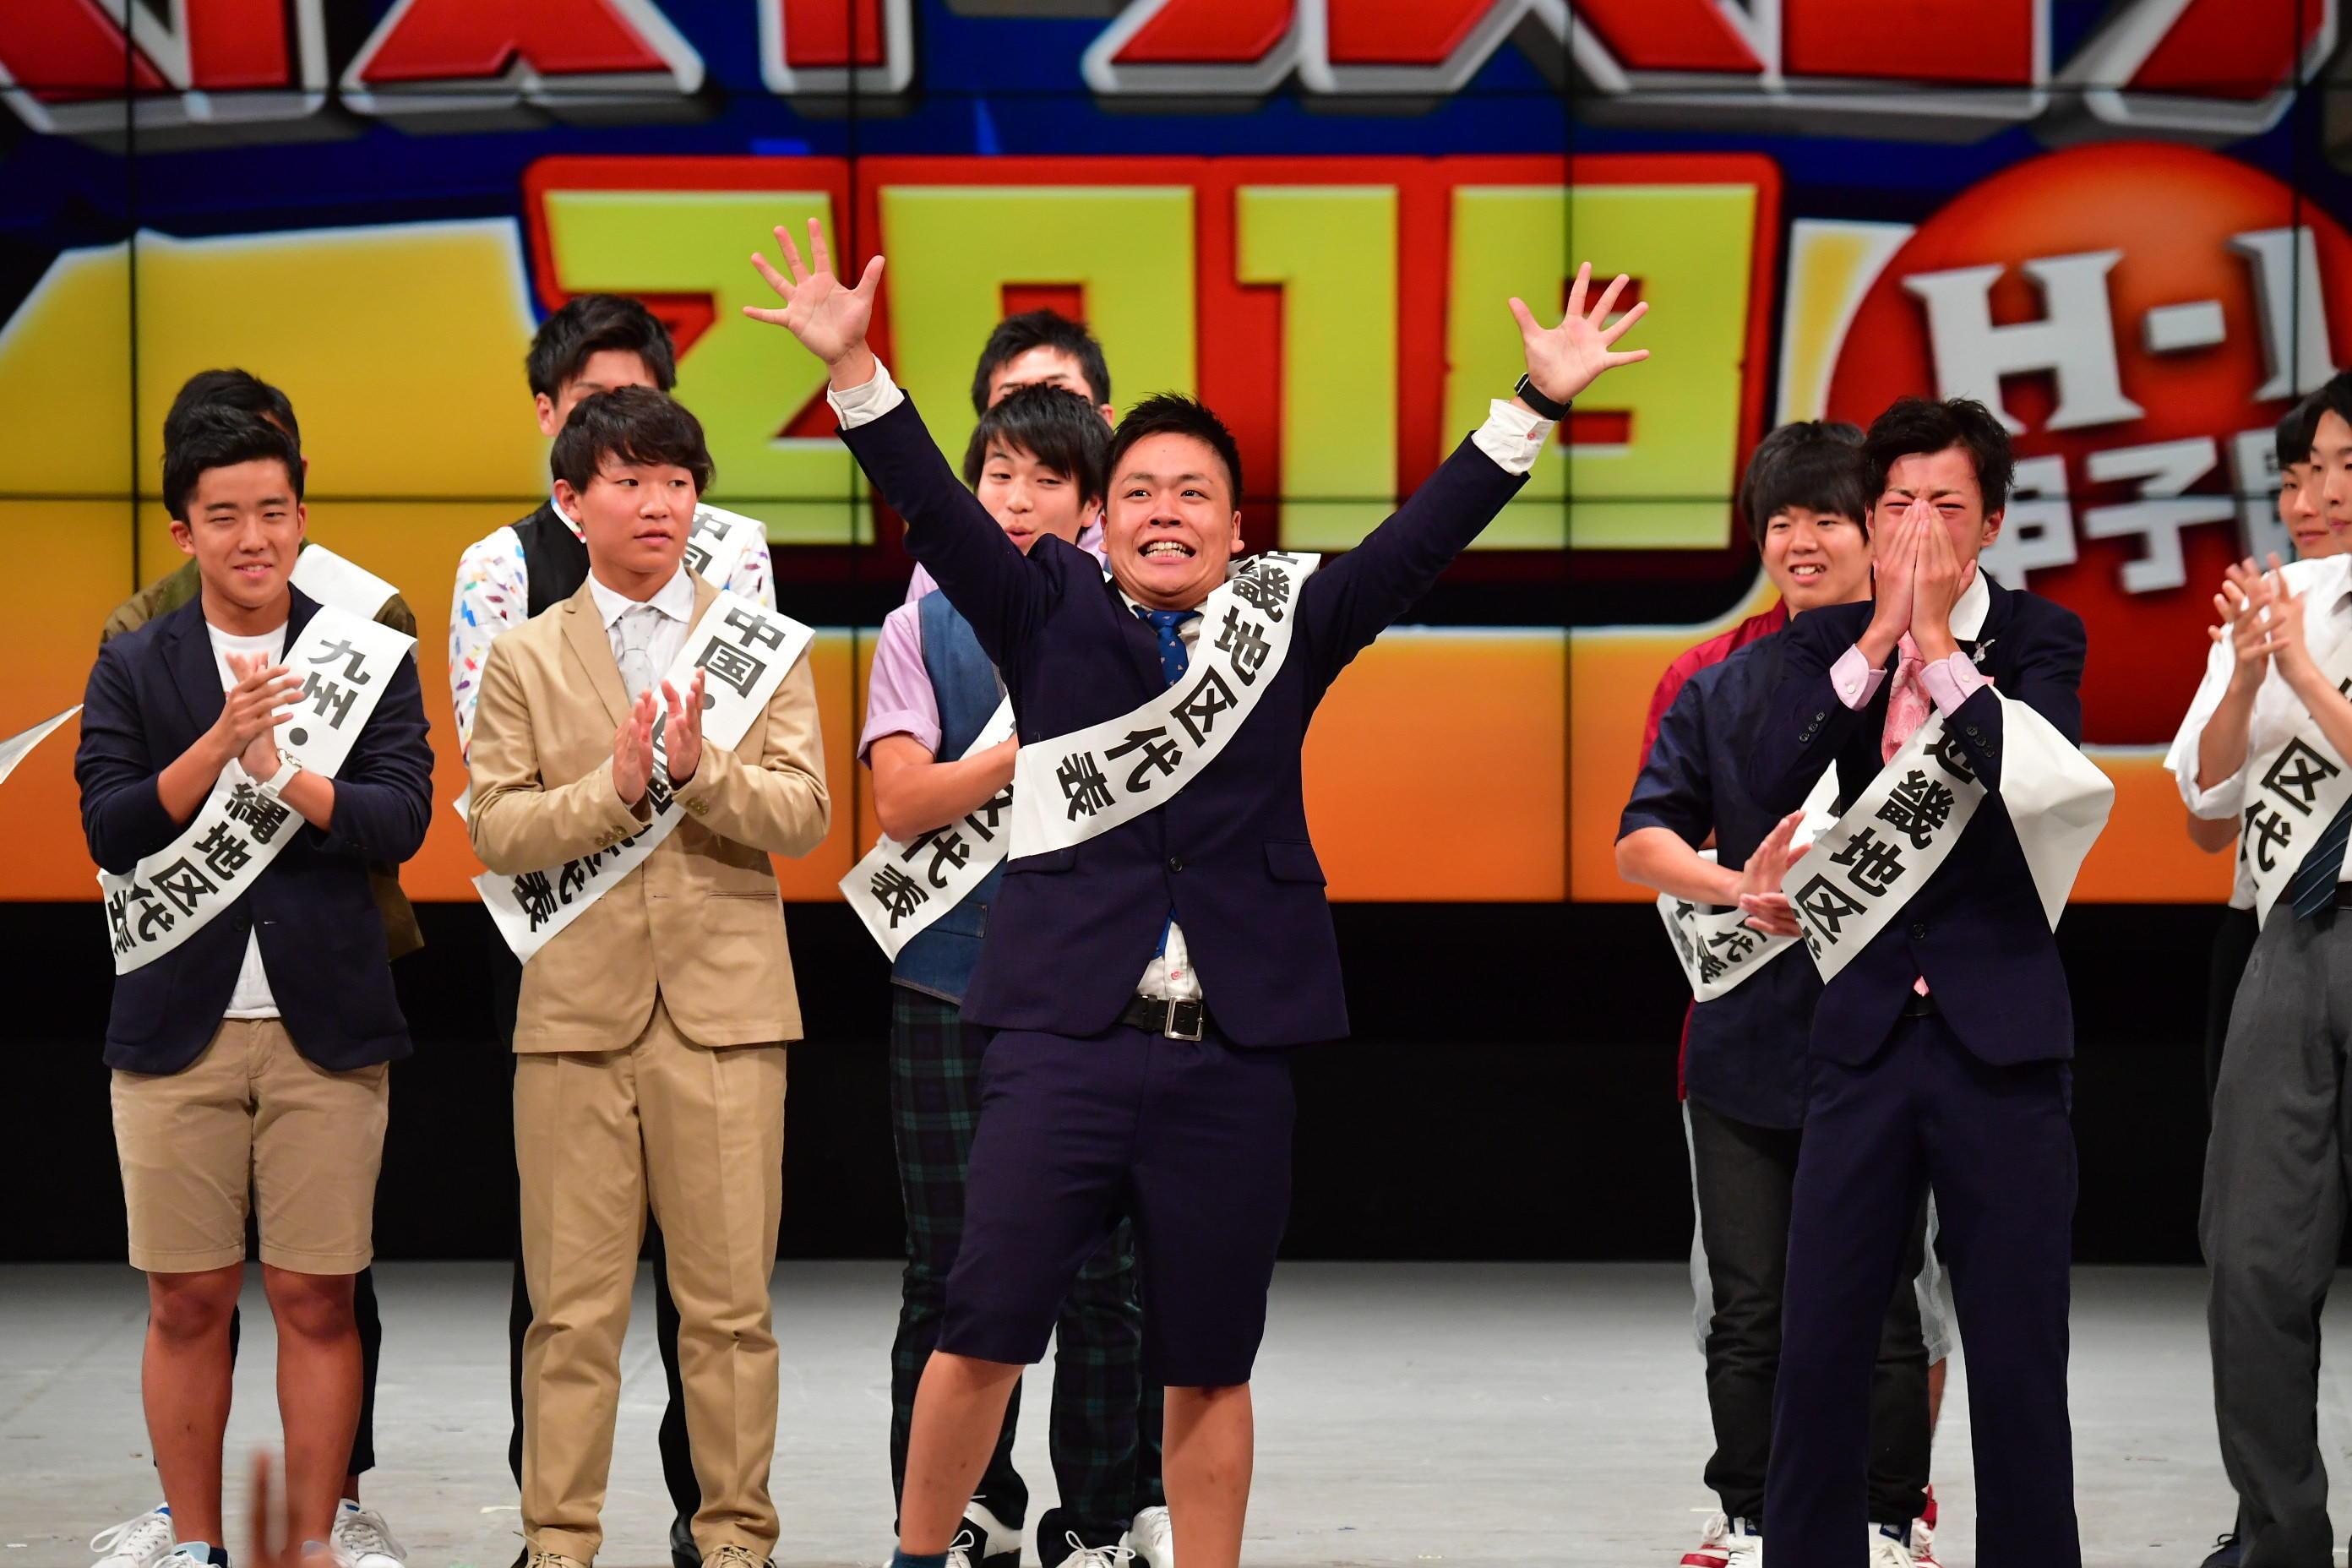 http://news.yoshimoto.co.jp/20180902232512-a780dc31db6cd48bdcc27c42361bac614ec08945.jpg